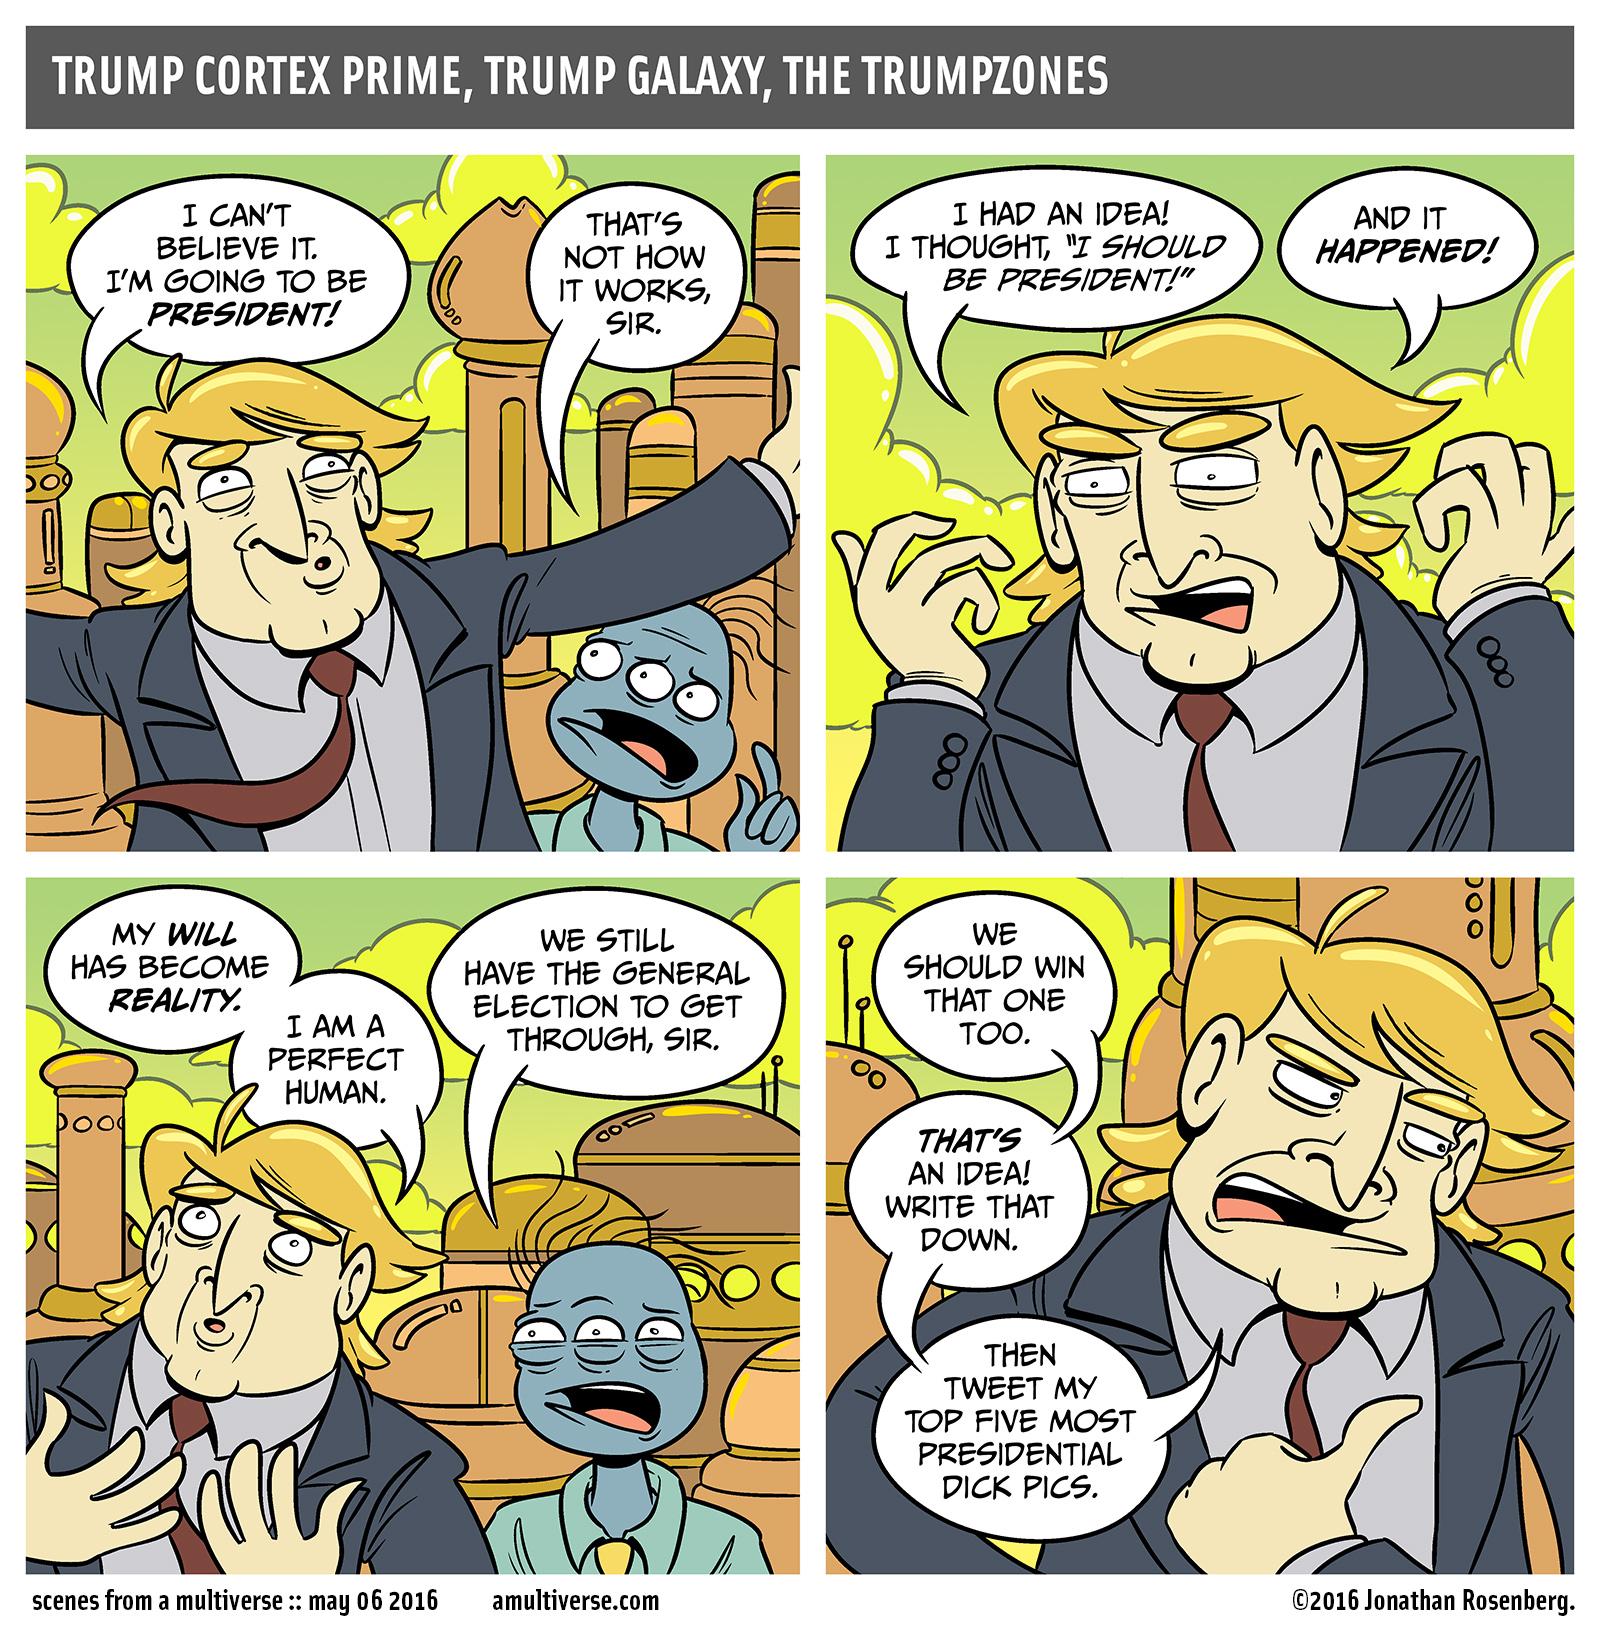 for he is the kwisatz trumperach